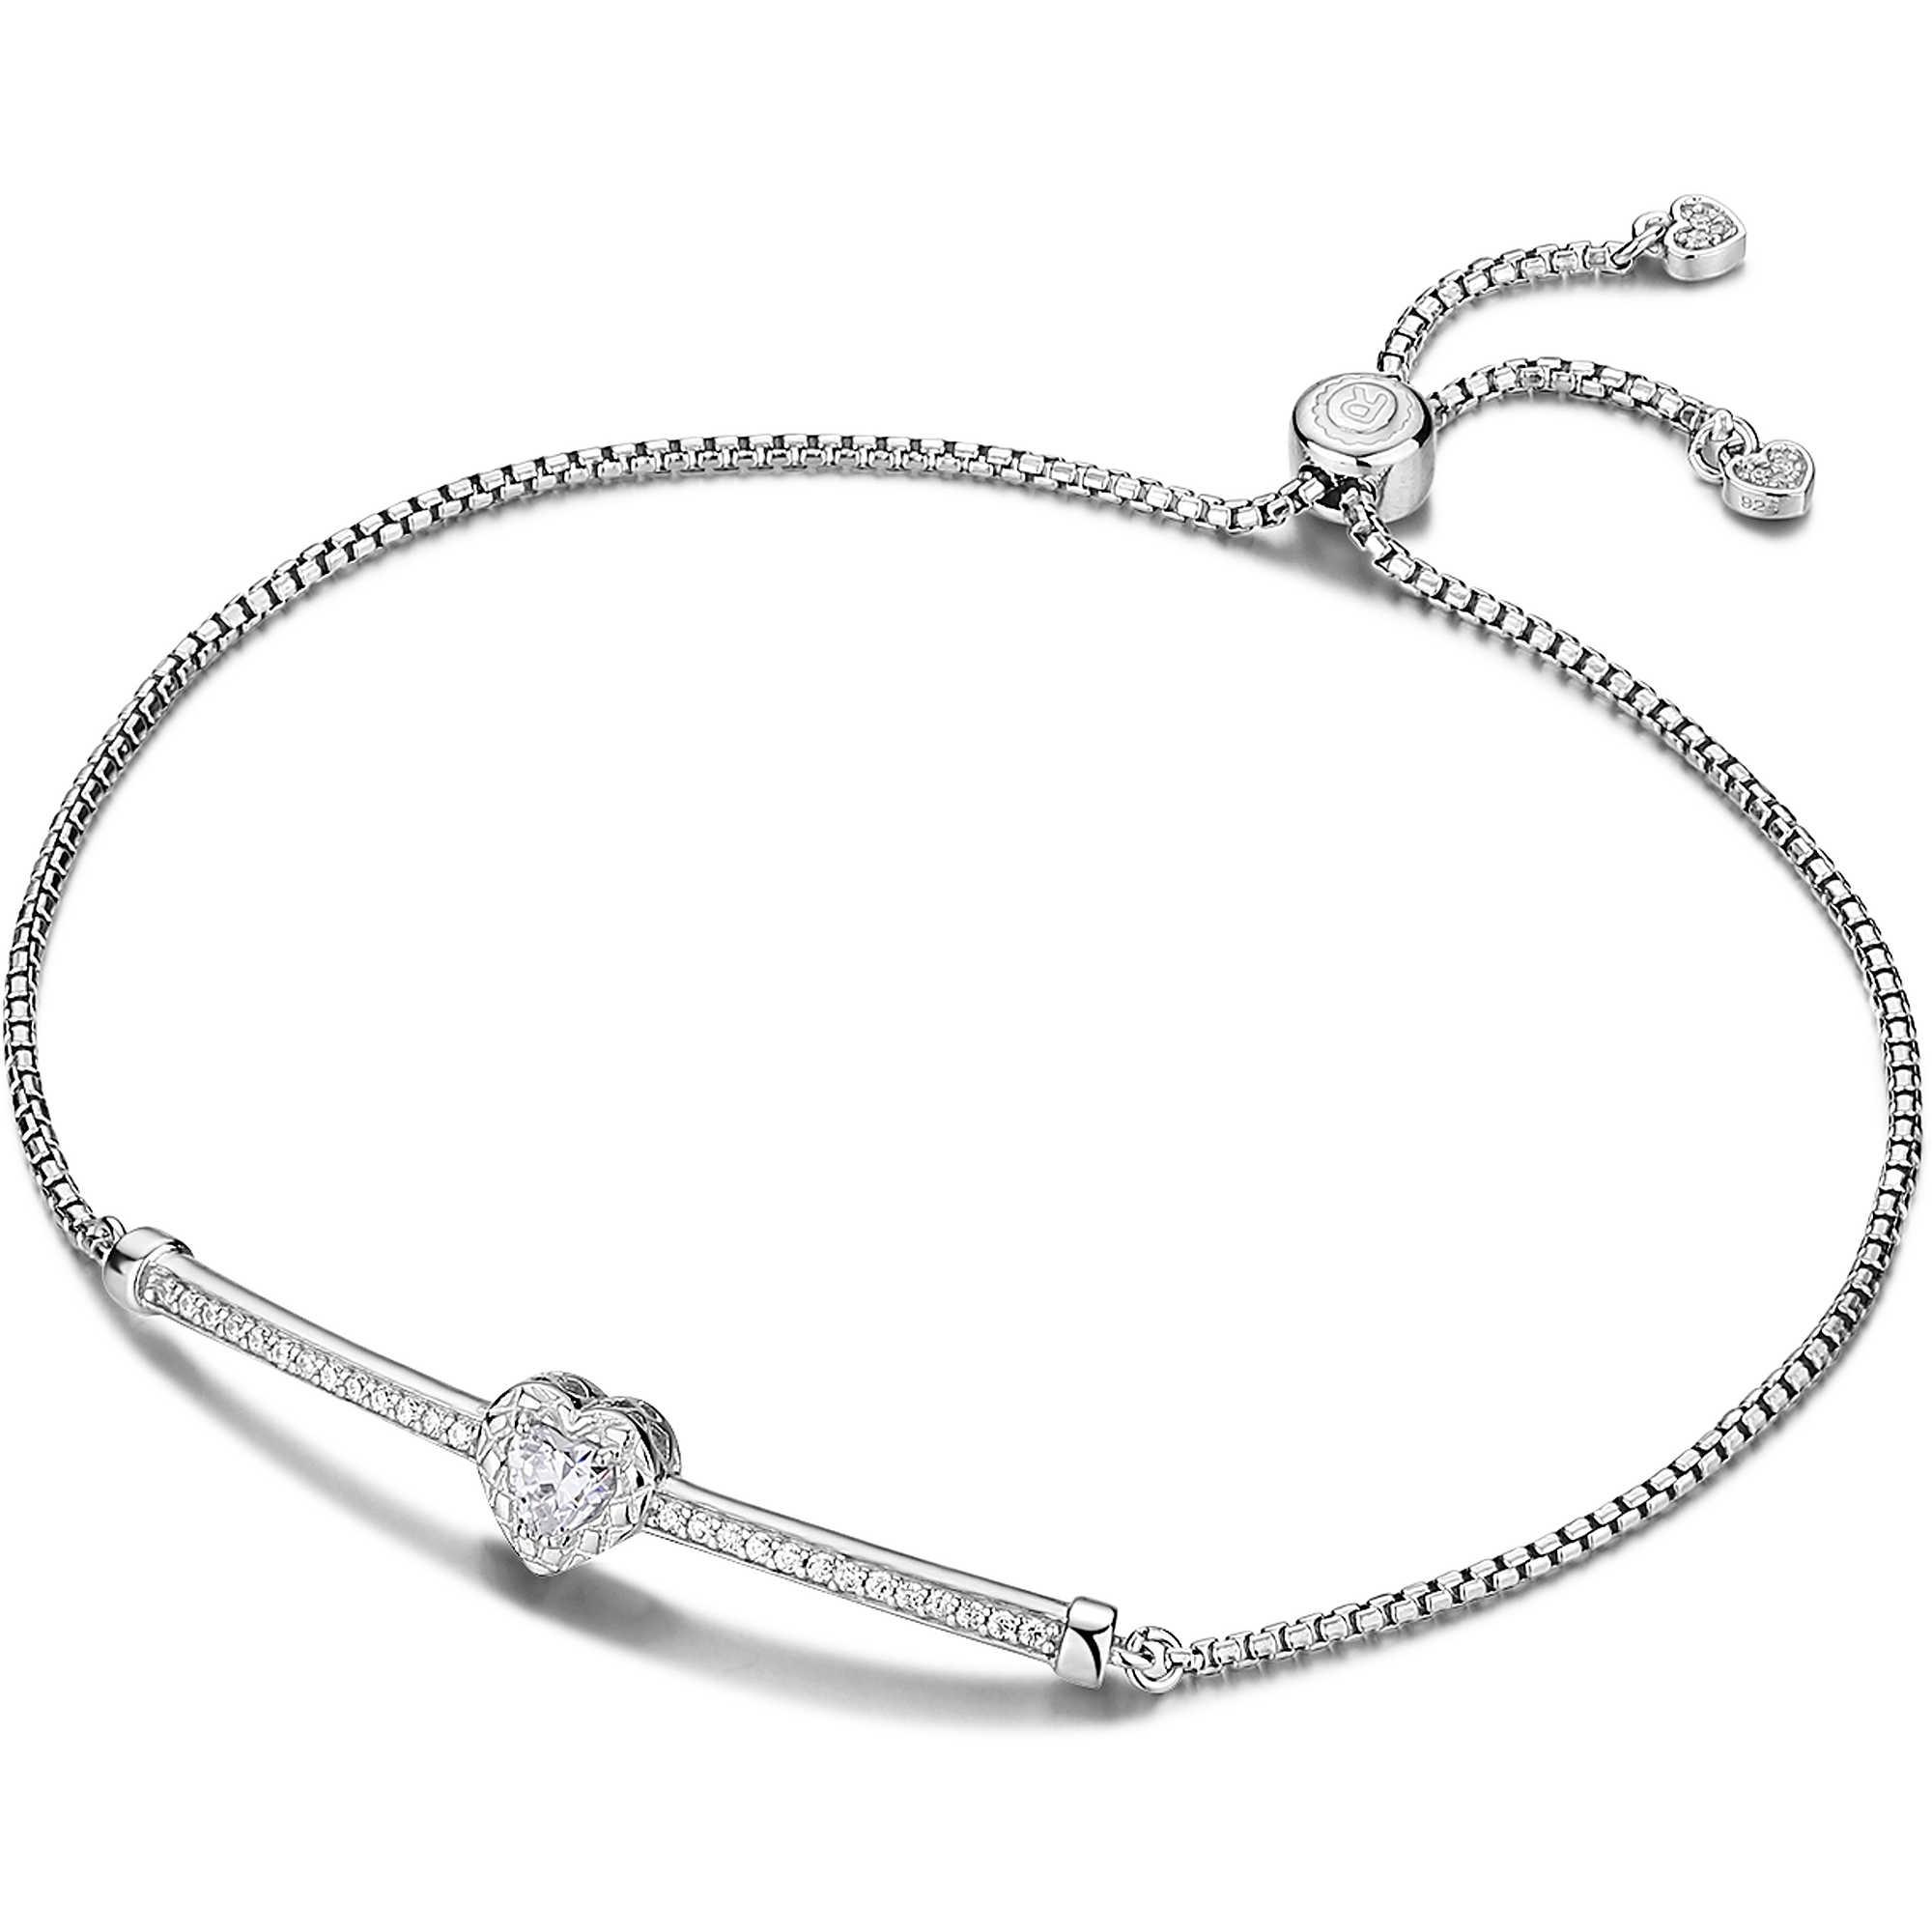 ROSATO-Bracciale in argento da donna